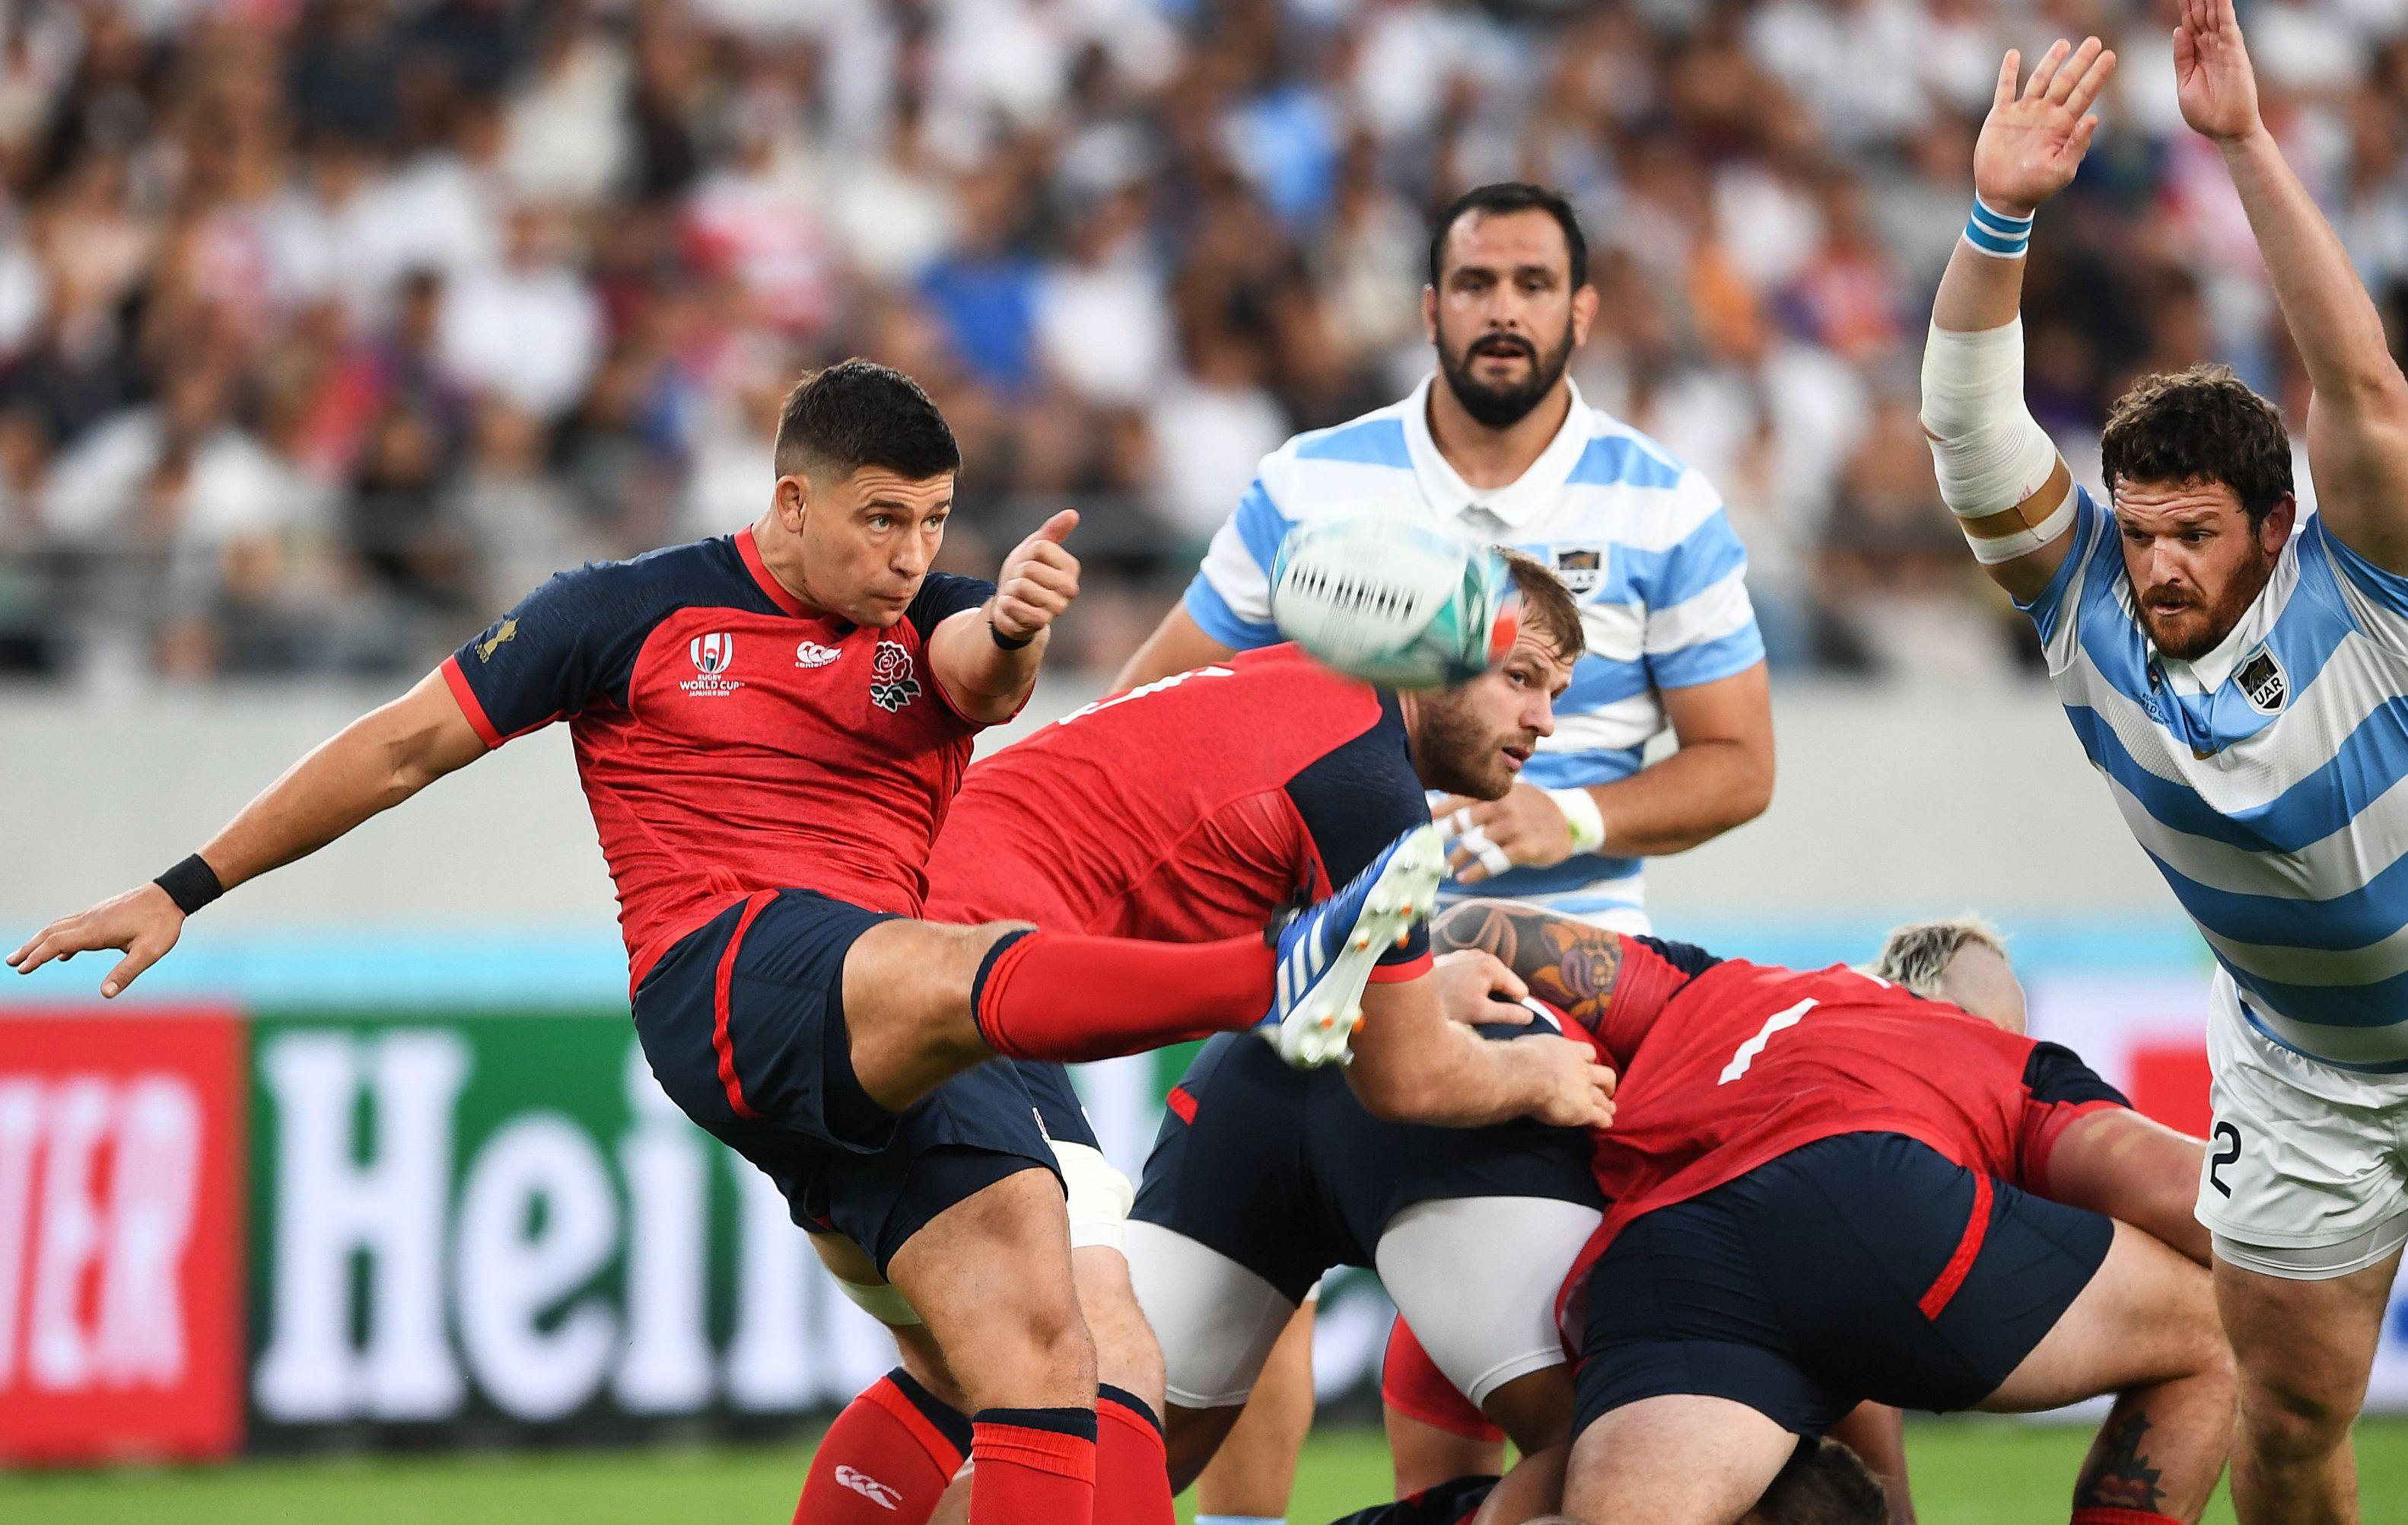 Rugby - Coupe du monde 2019 - Angleterre : battre les All Blacks, une tradition dans la famille de Ben Youngs